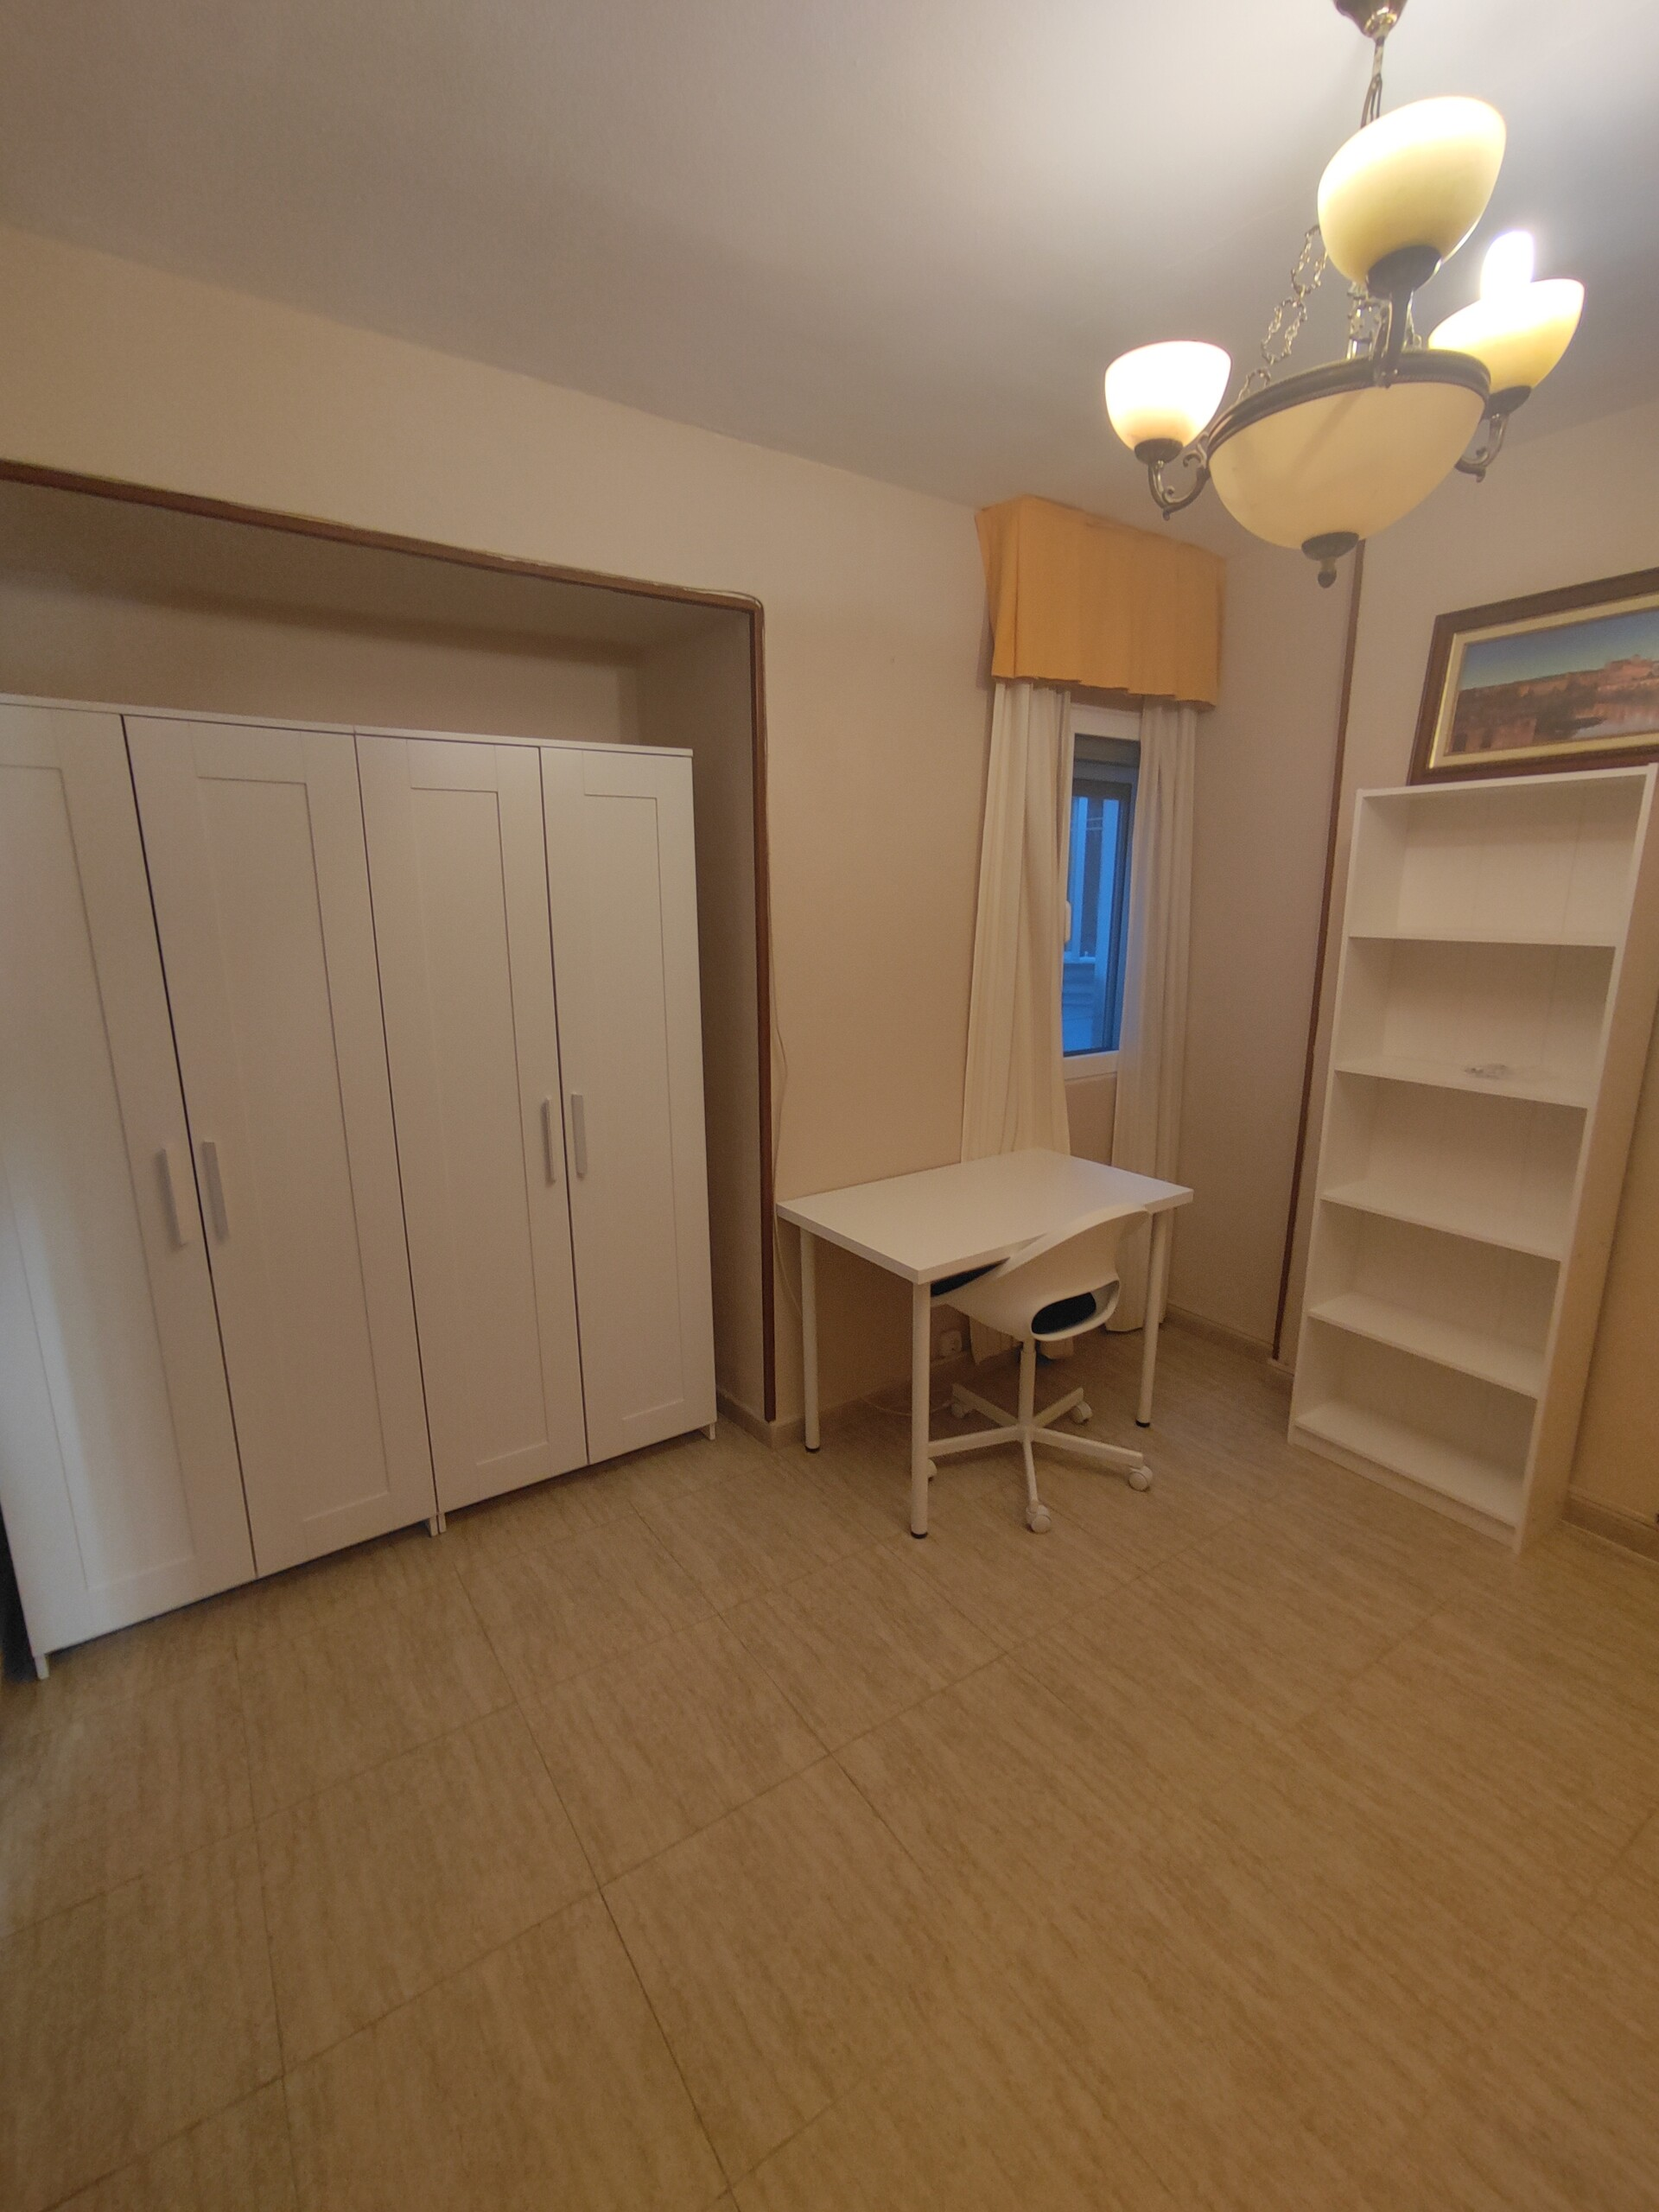 Piso de tres habitaciones para alquiler estudiante